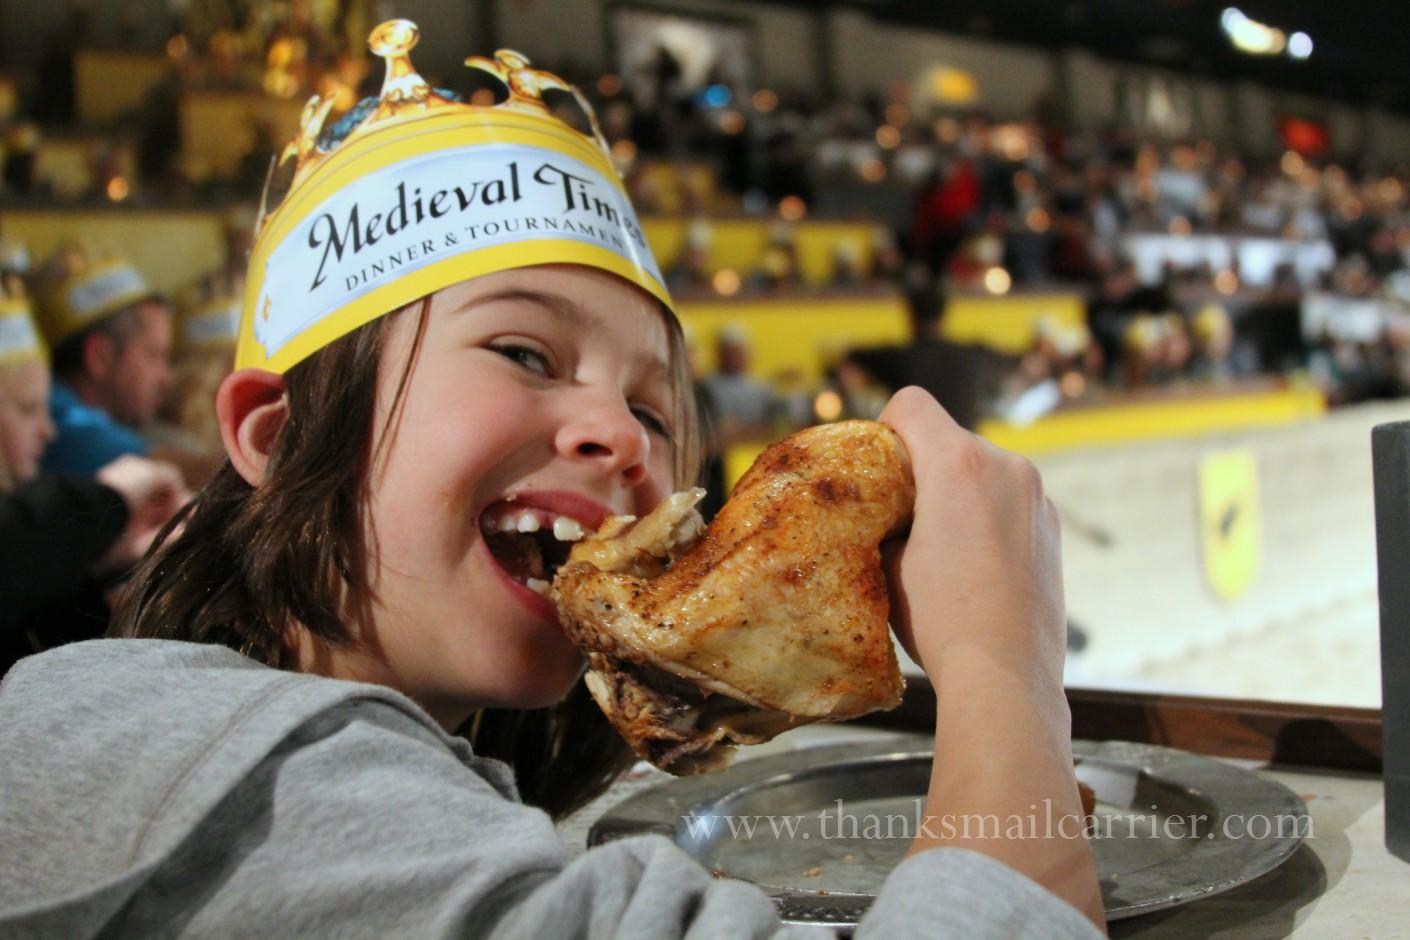 Medieval Times food